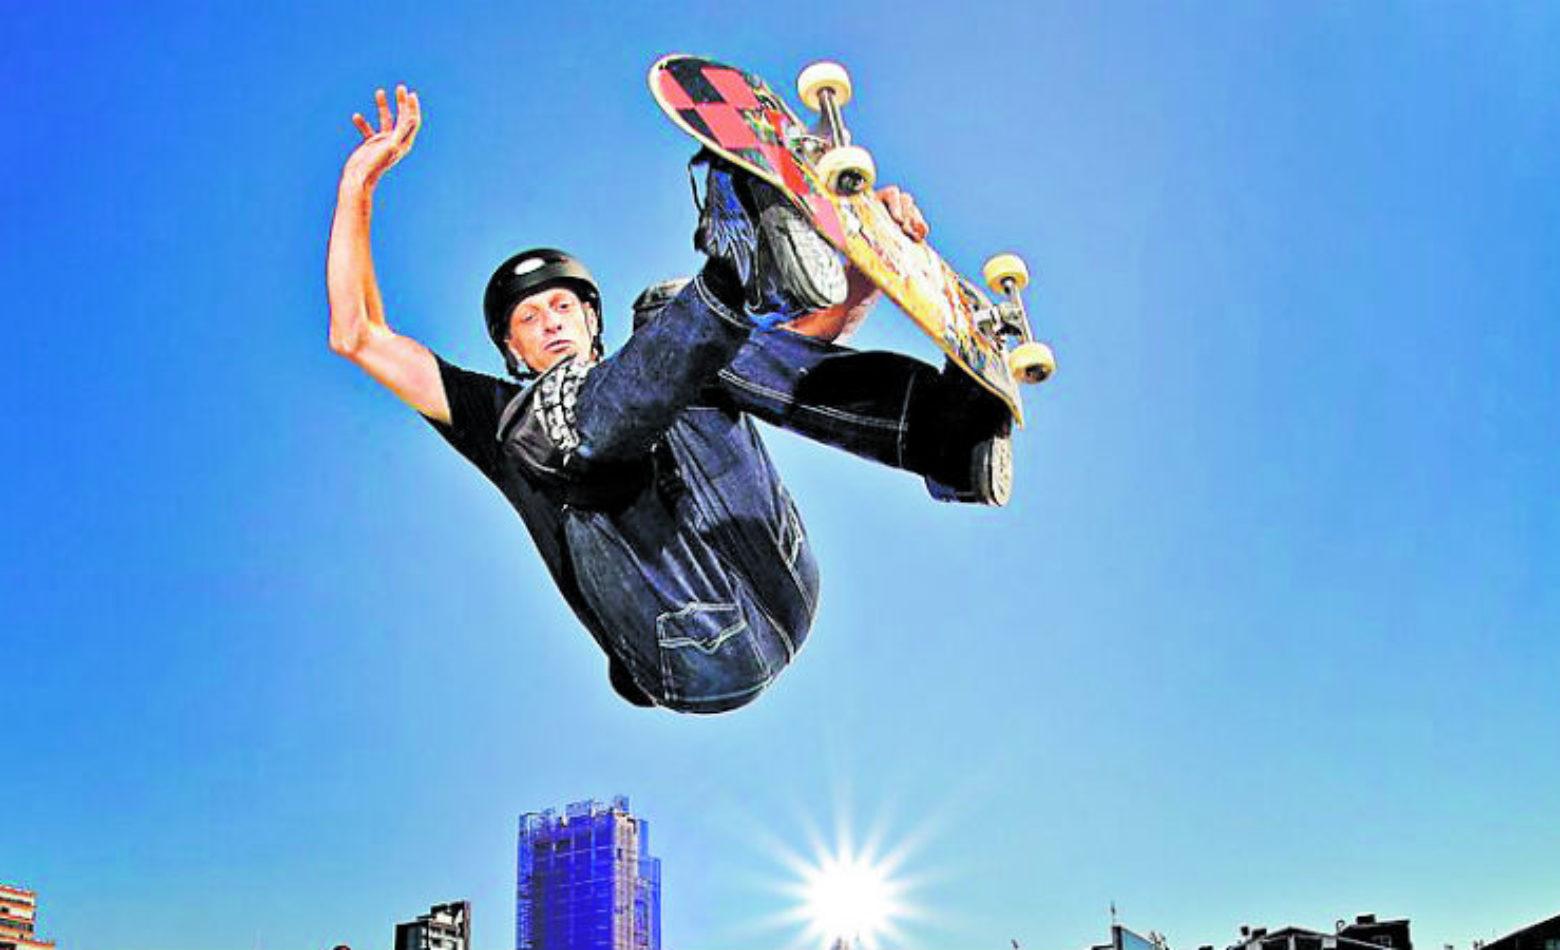 Gameplay: Tony Hawk's Pro Skater e sua trilha sonora maravilhosa